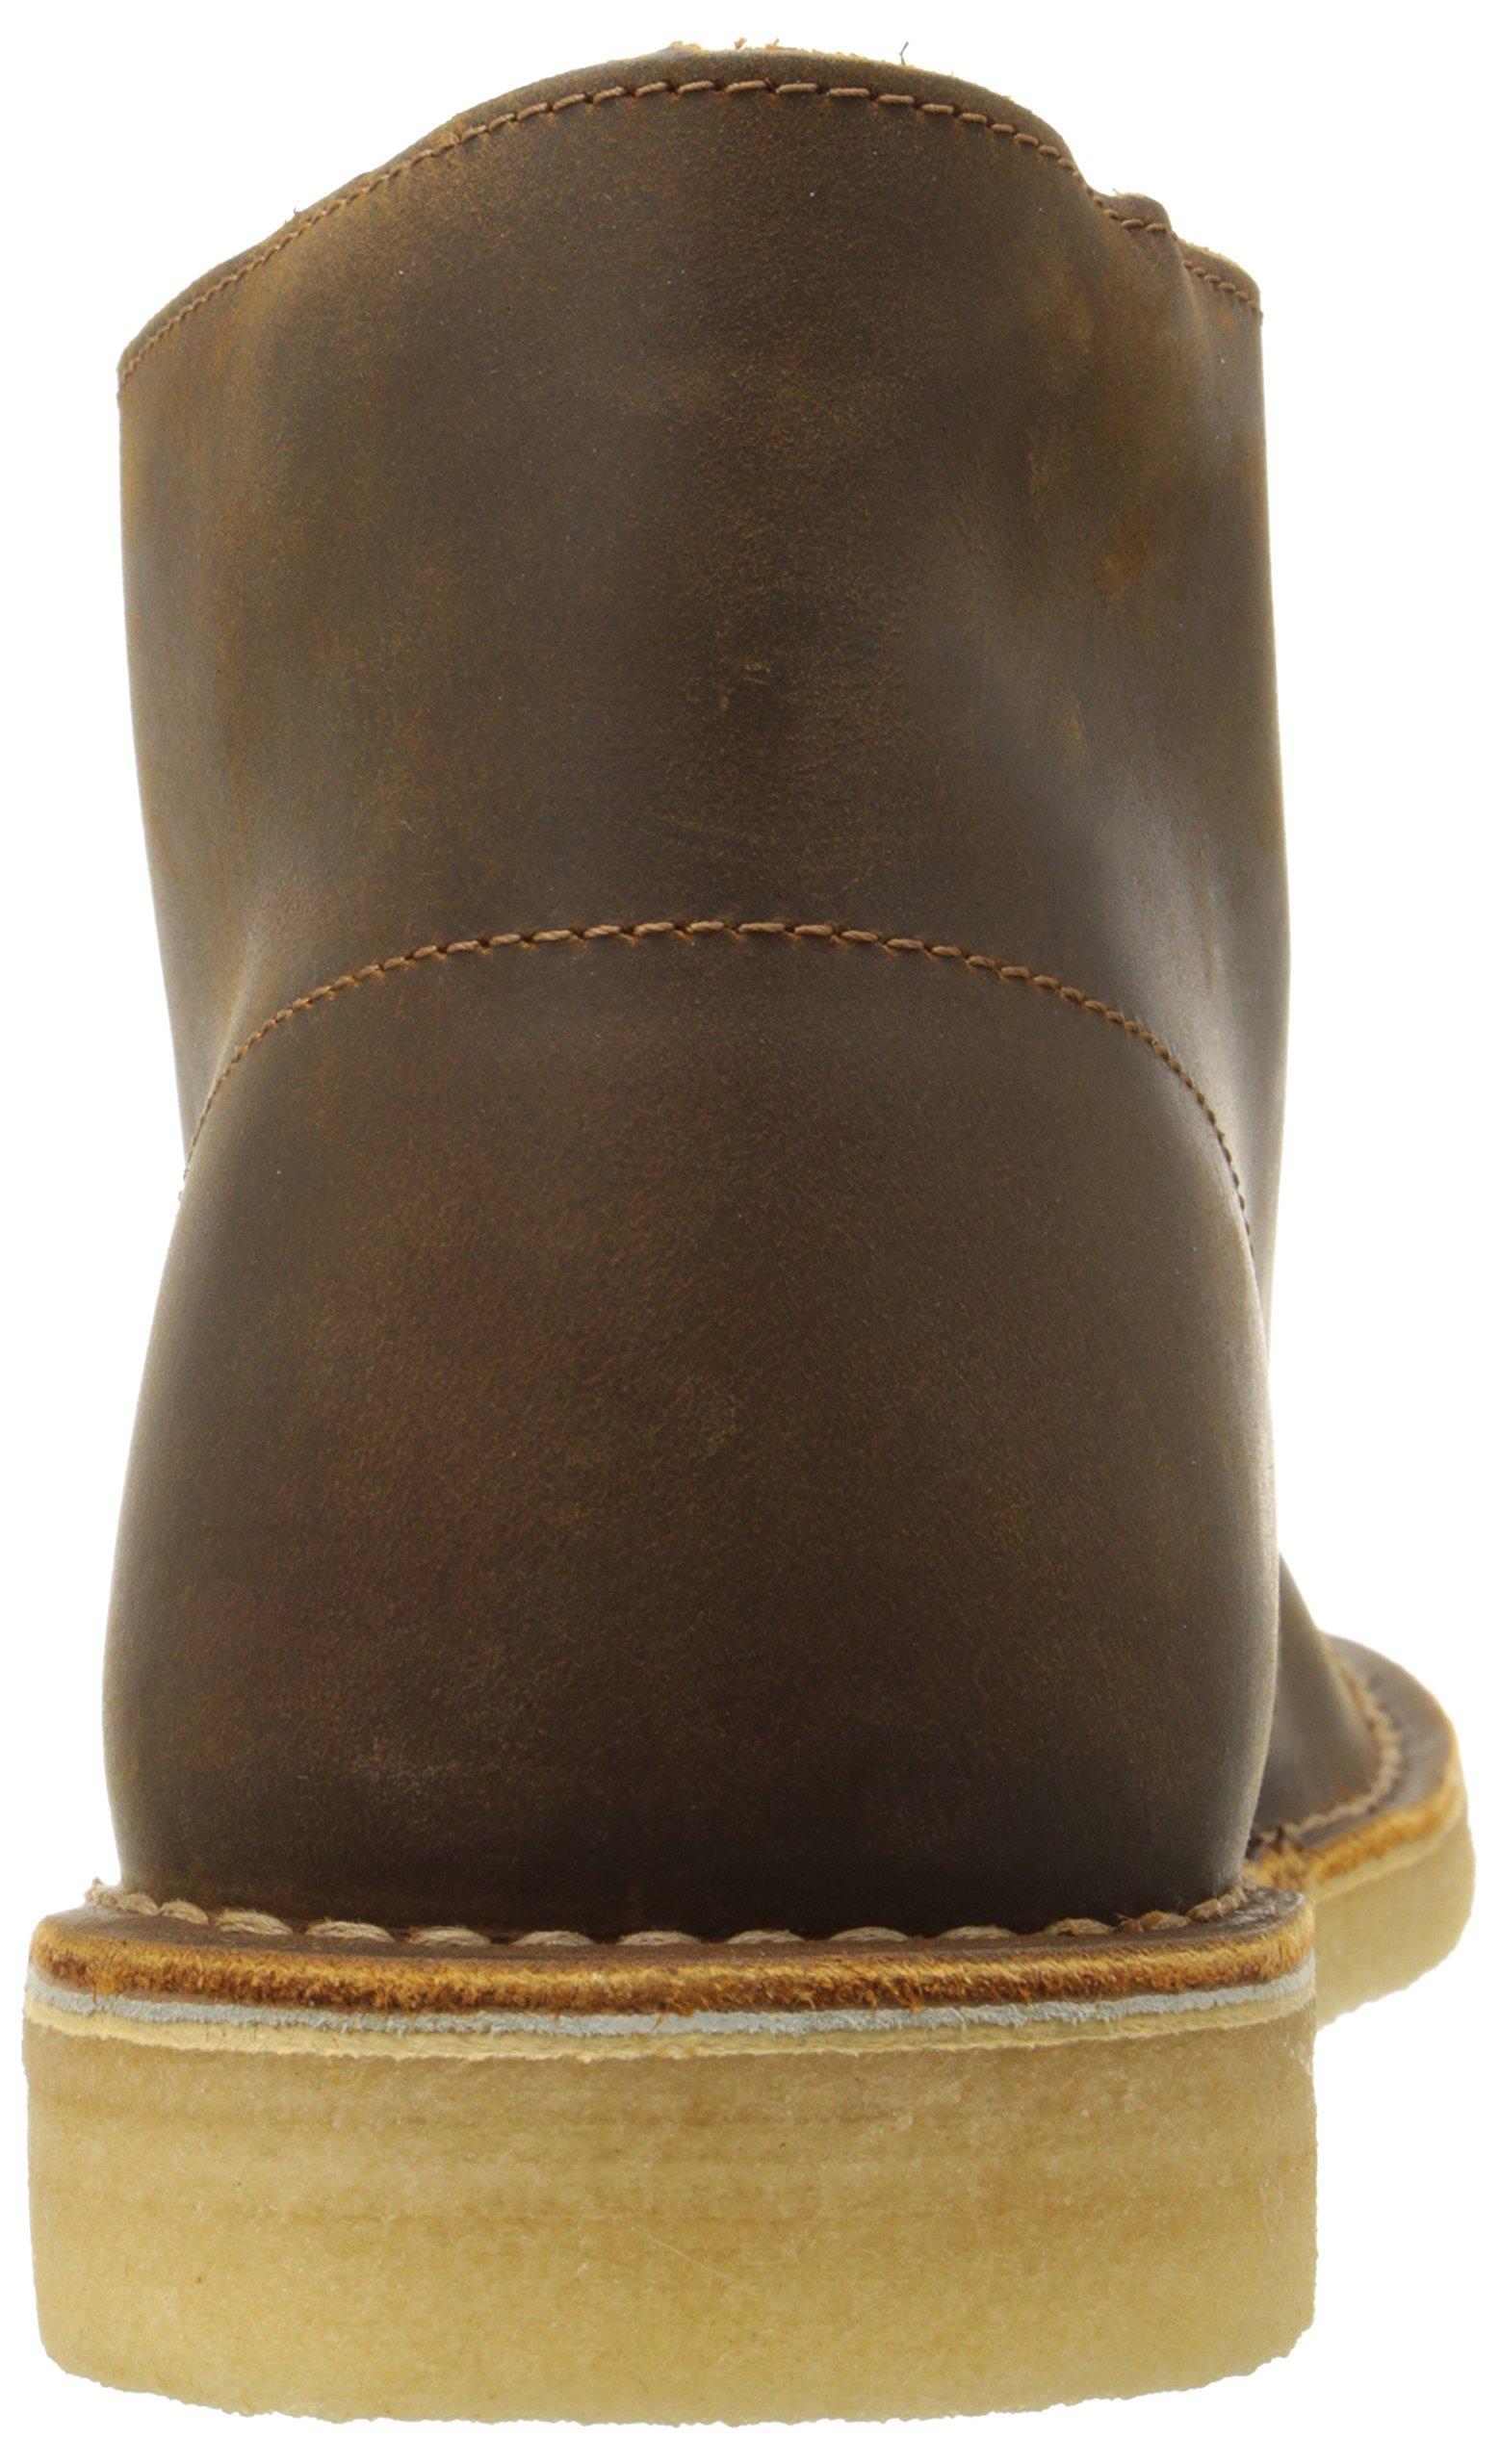 Clarks Originals Men's Desert Boot,Beeswax,9.5 M US by CLARKS (Image #2)